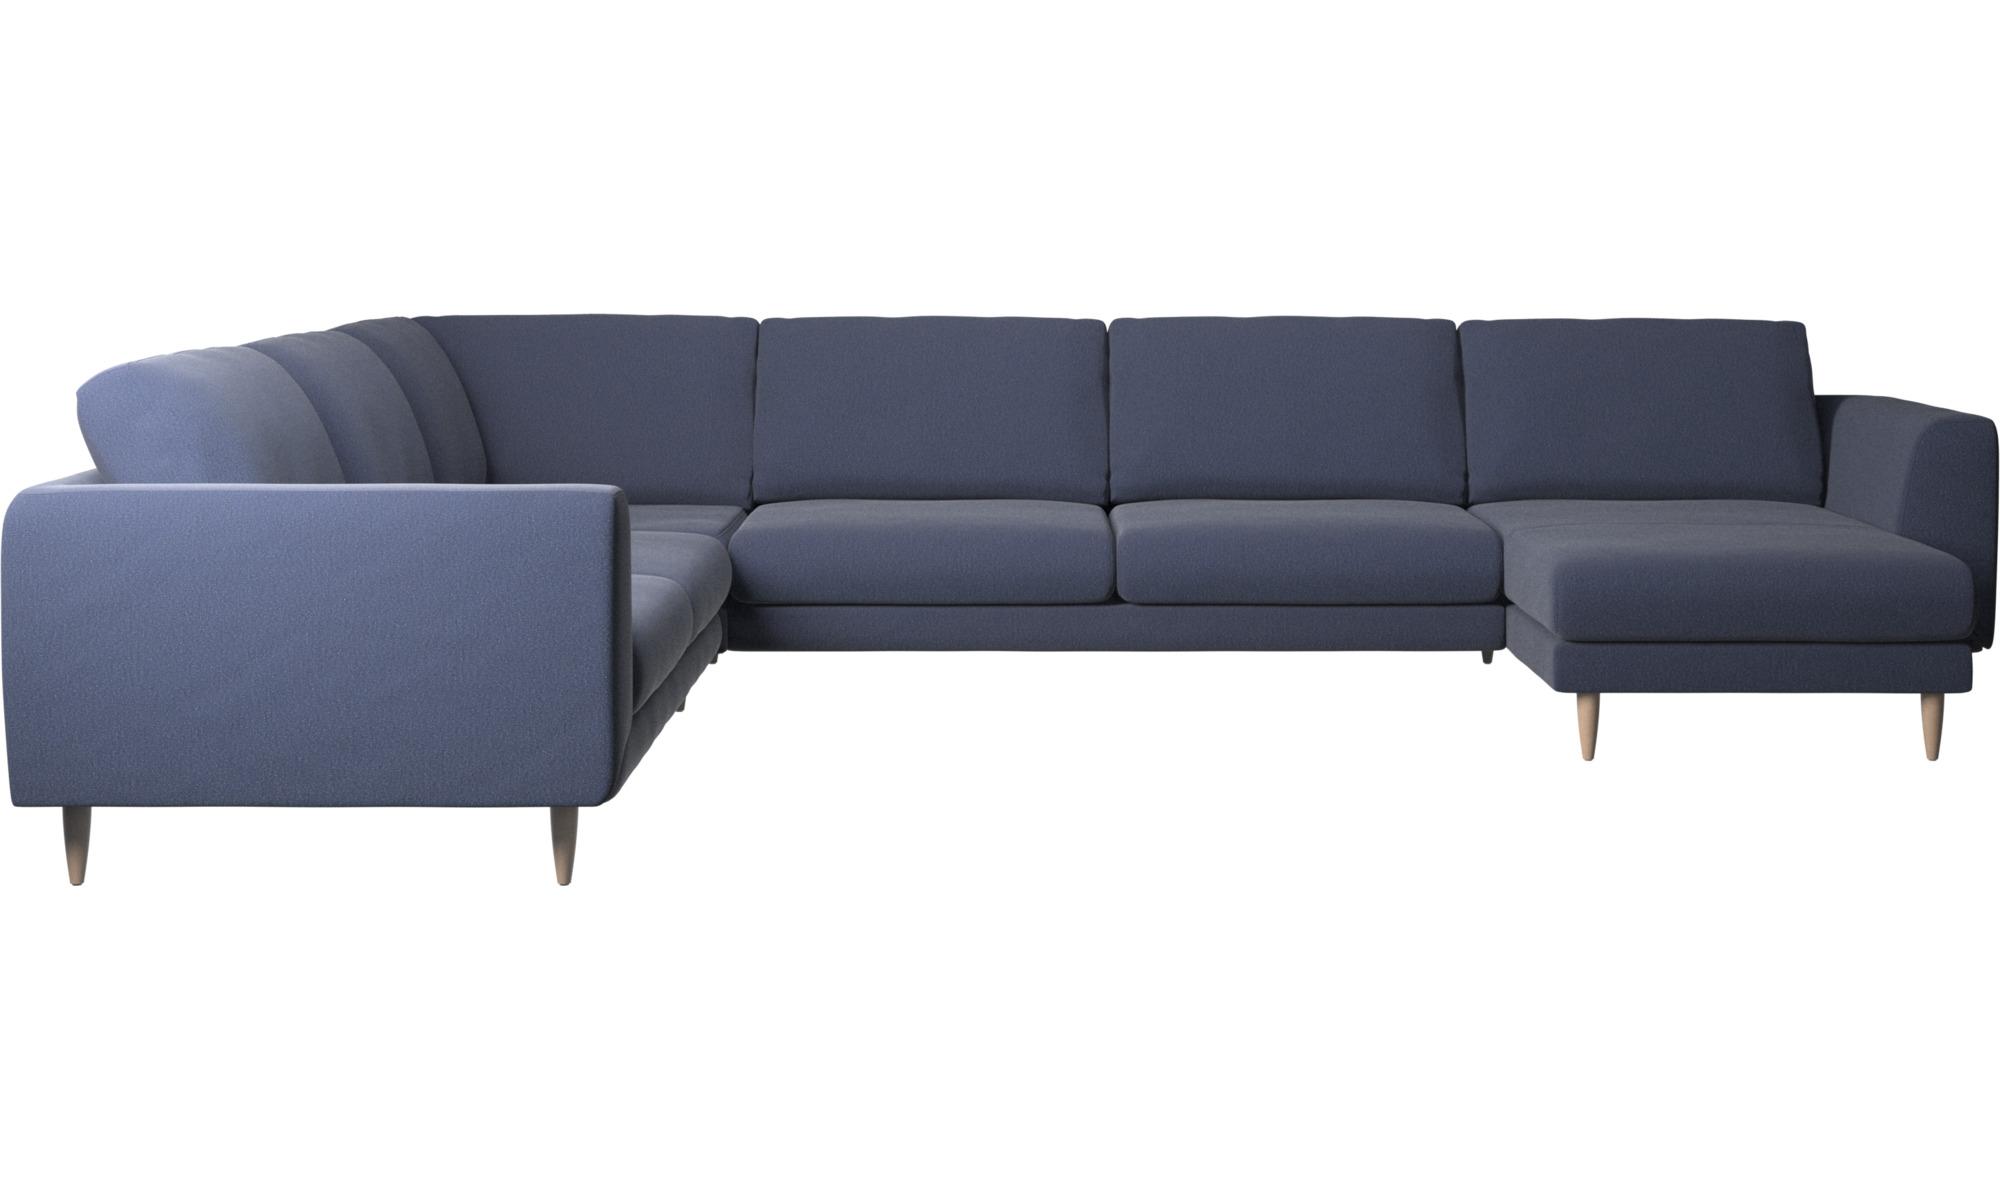 Fargo corner sofa with resting unit